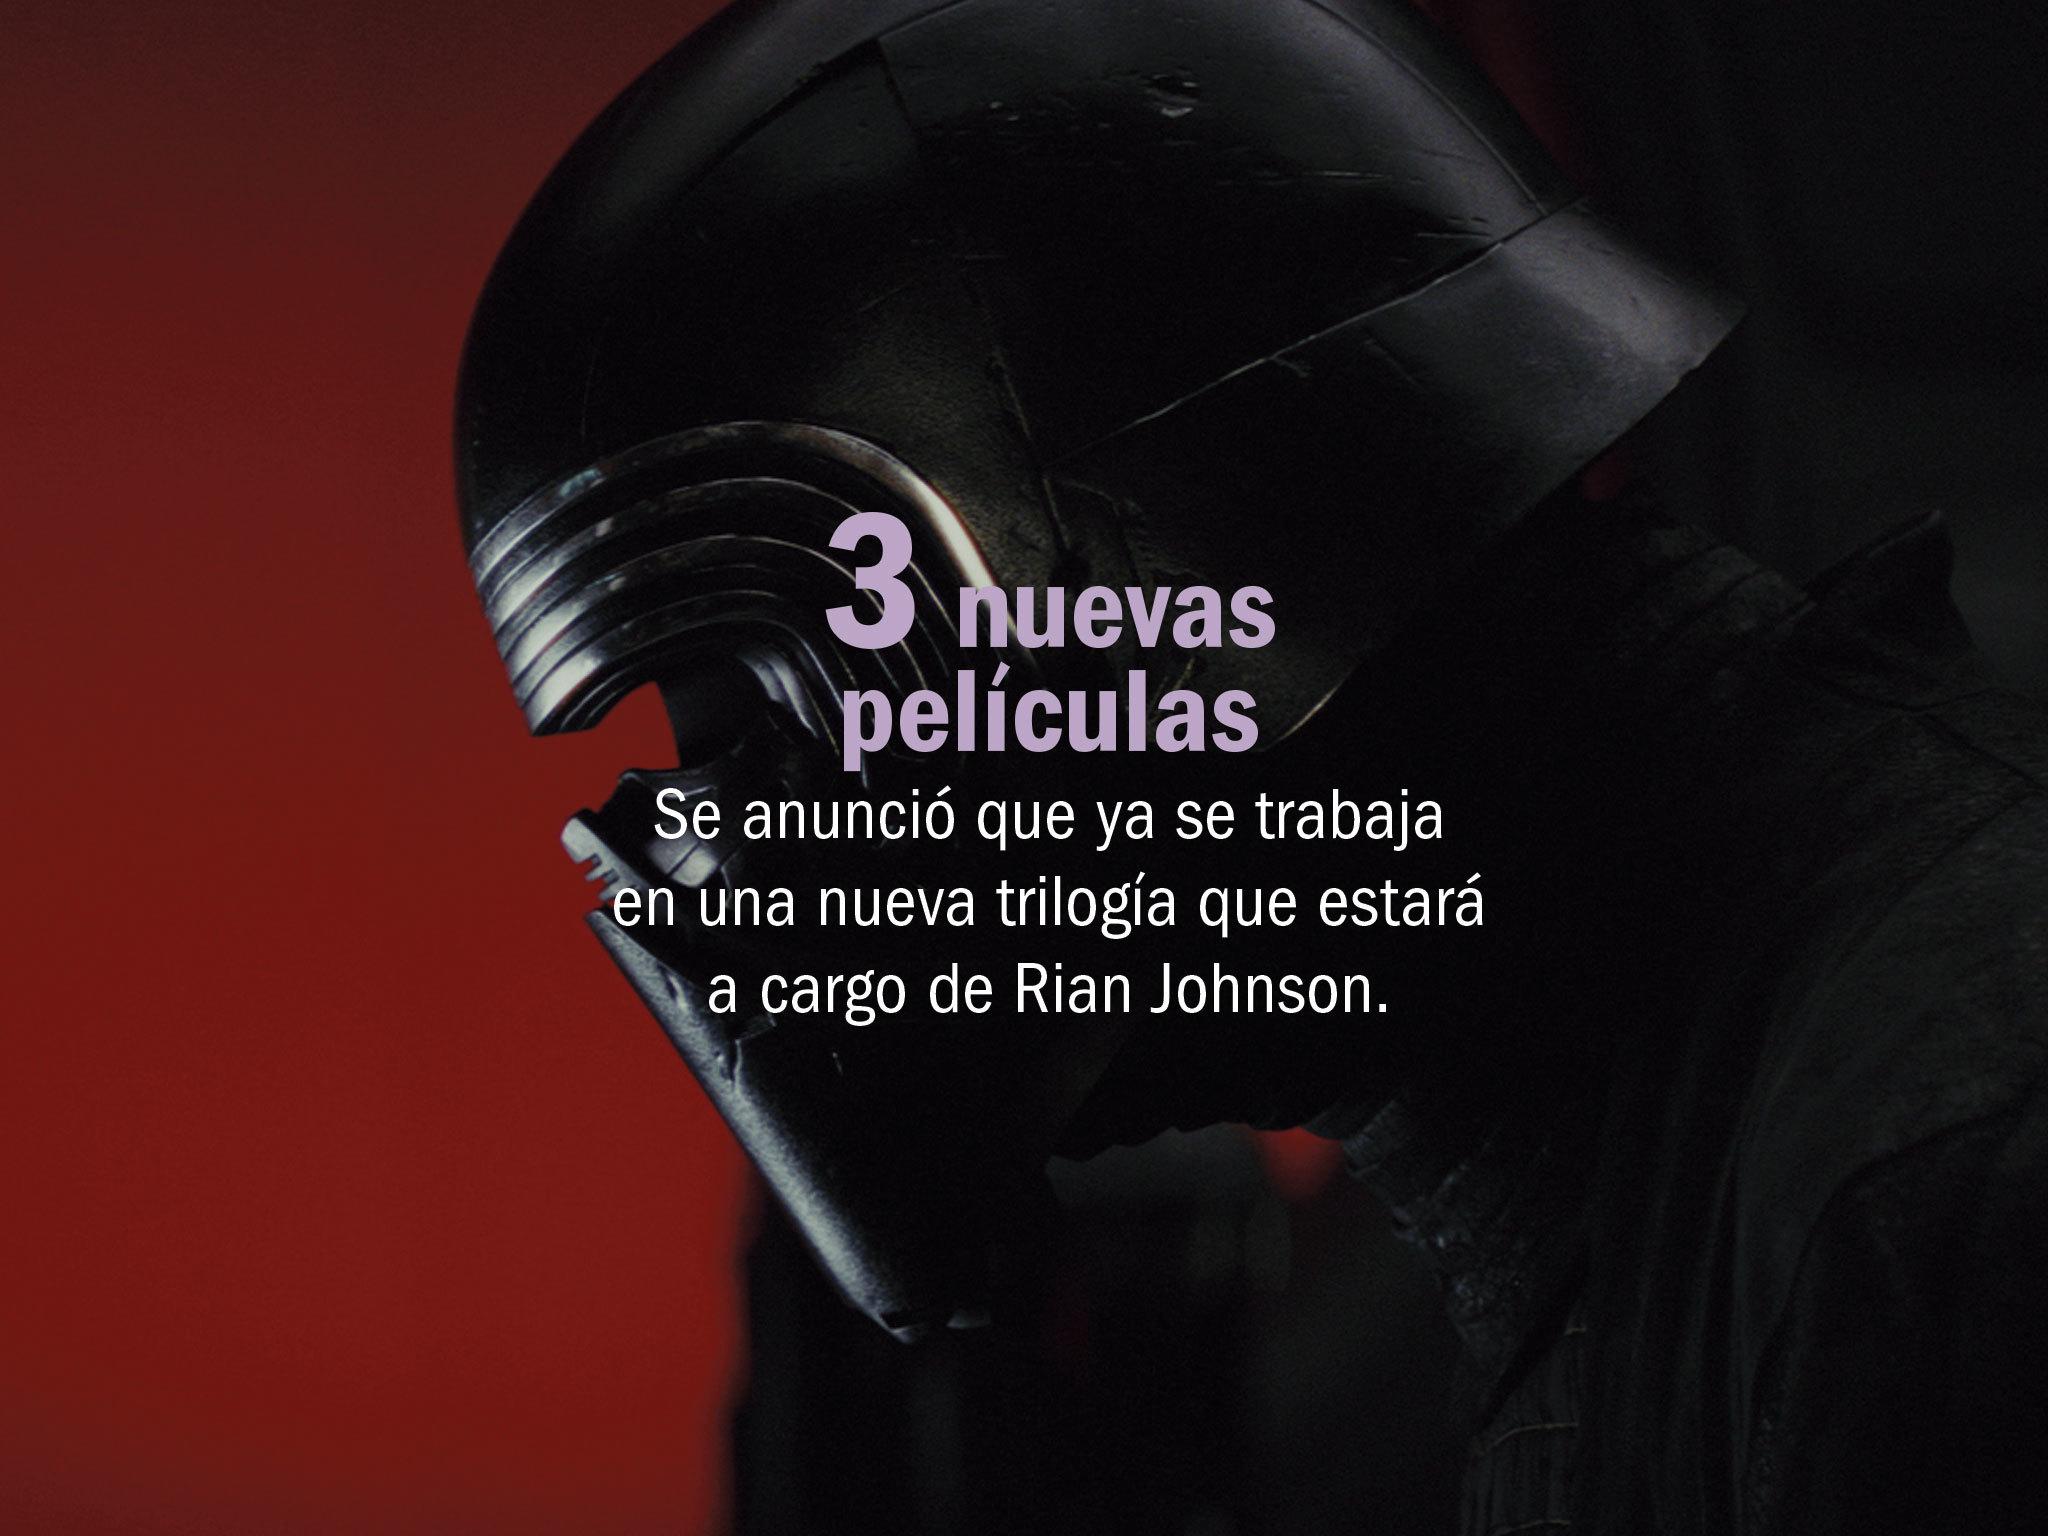 Numeralia, Star Wars Los últimos Jedi